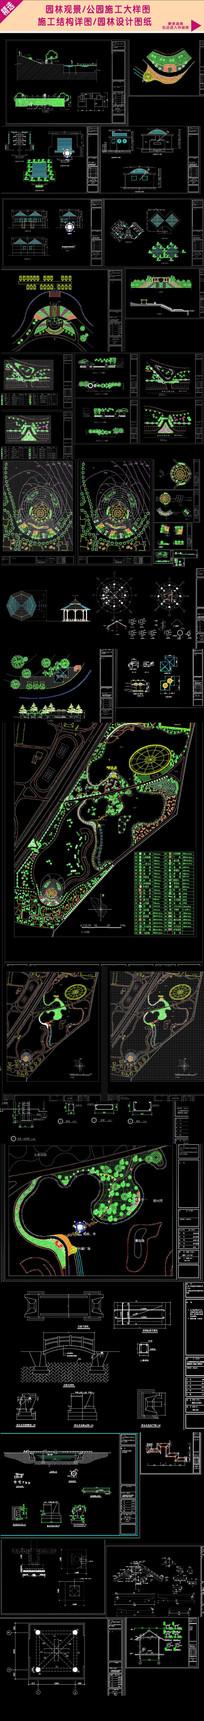 生态旅游园景观CAD施工图